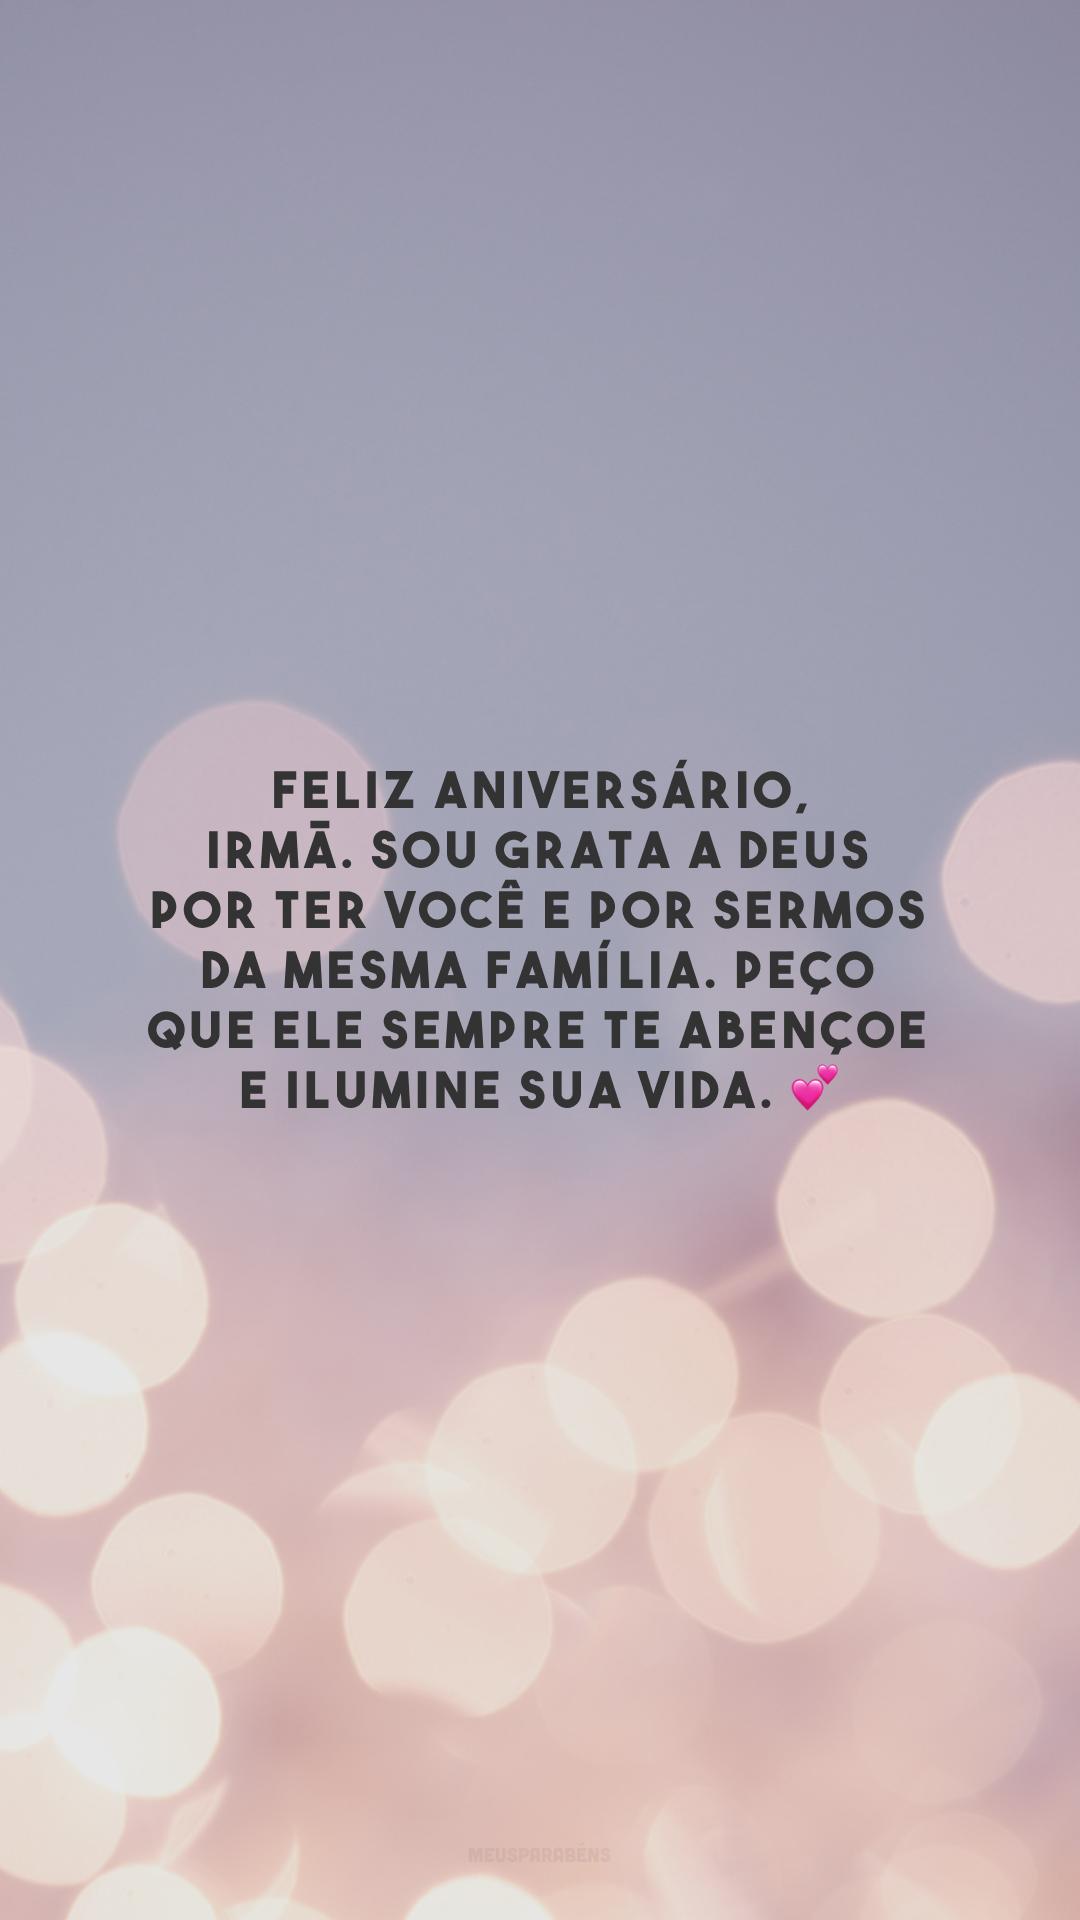 Feliz aniversário, irmã. Sou grata a Deus por ter você e por sermos da mesma família. Peço que Ele sempre te abençoe e ilumine sua vida. 💕